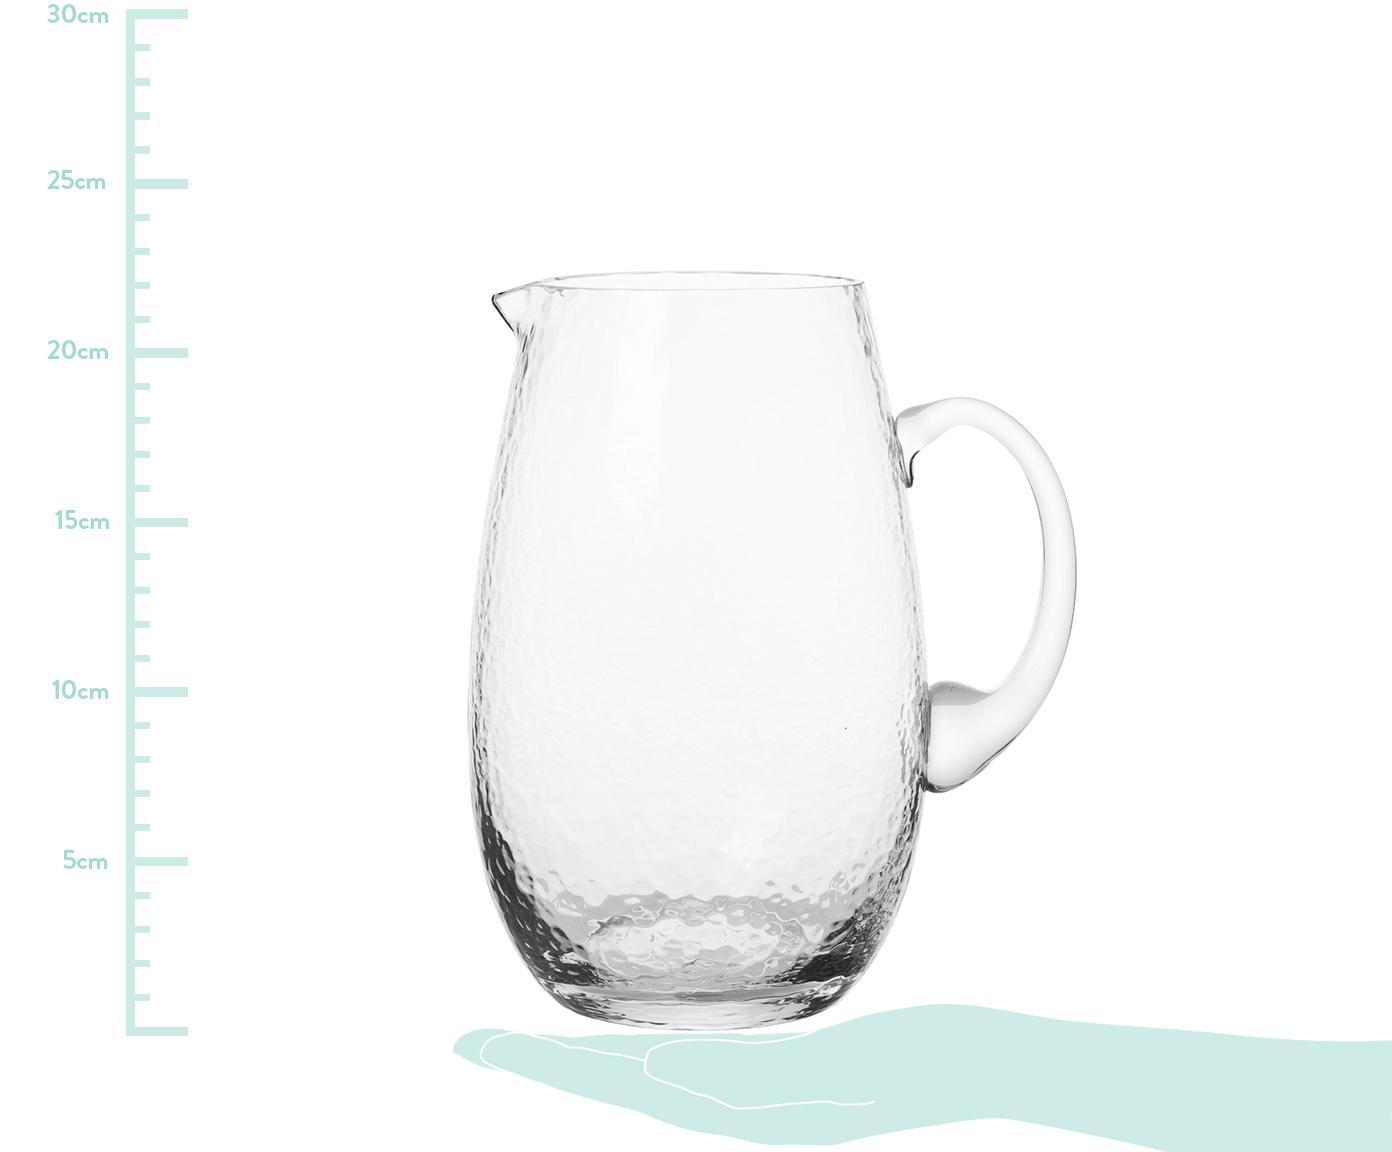 Mundgeblasener Krug Hammered, Glas, mundgeblasen, Transparent, 2 L